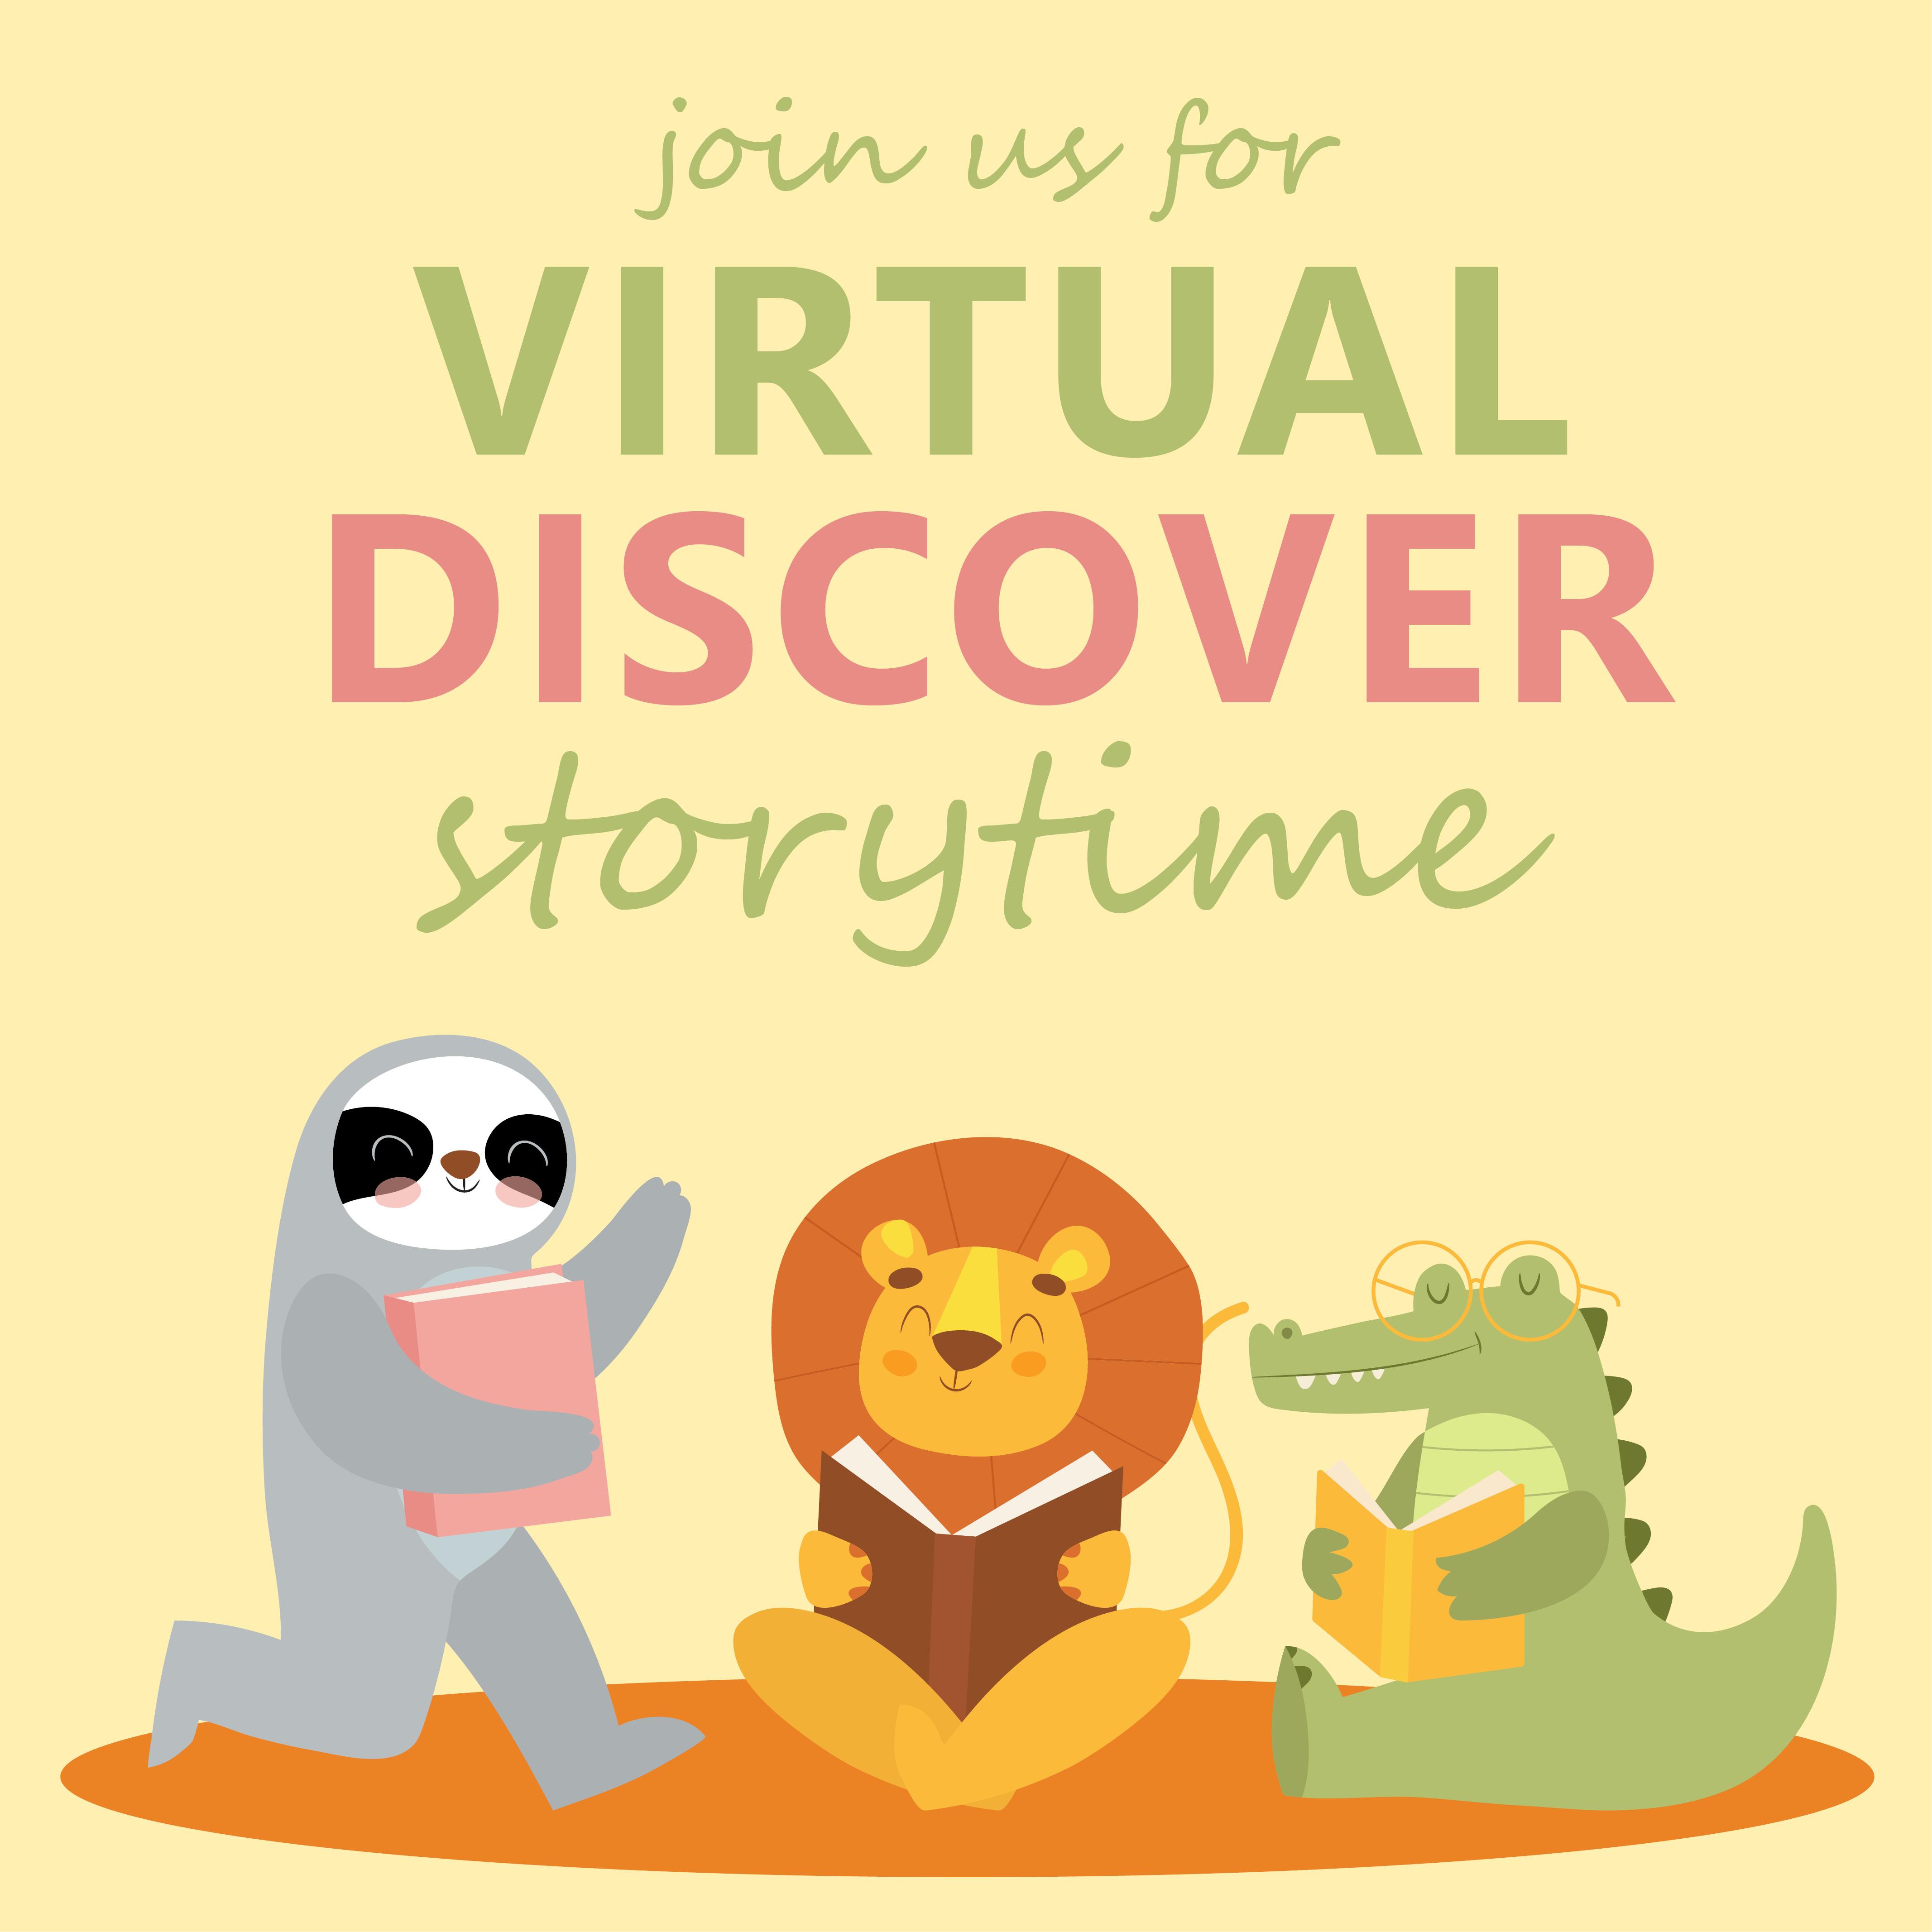 Virtual Discover